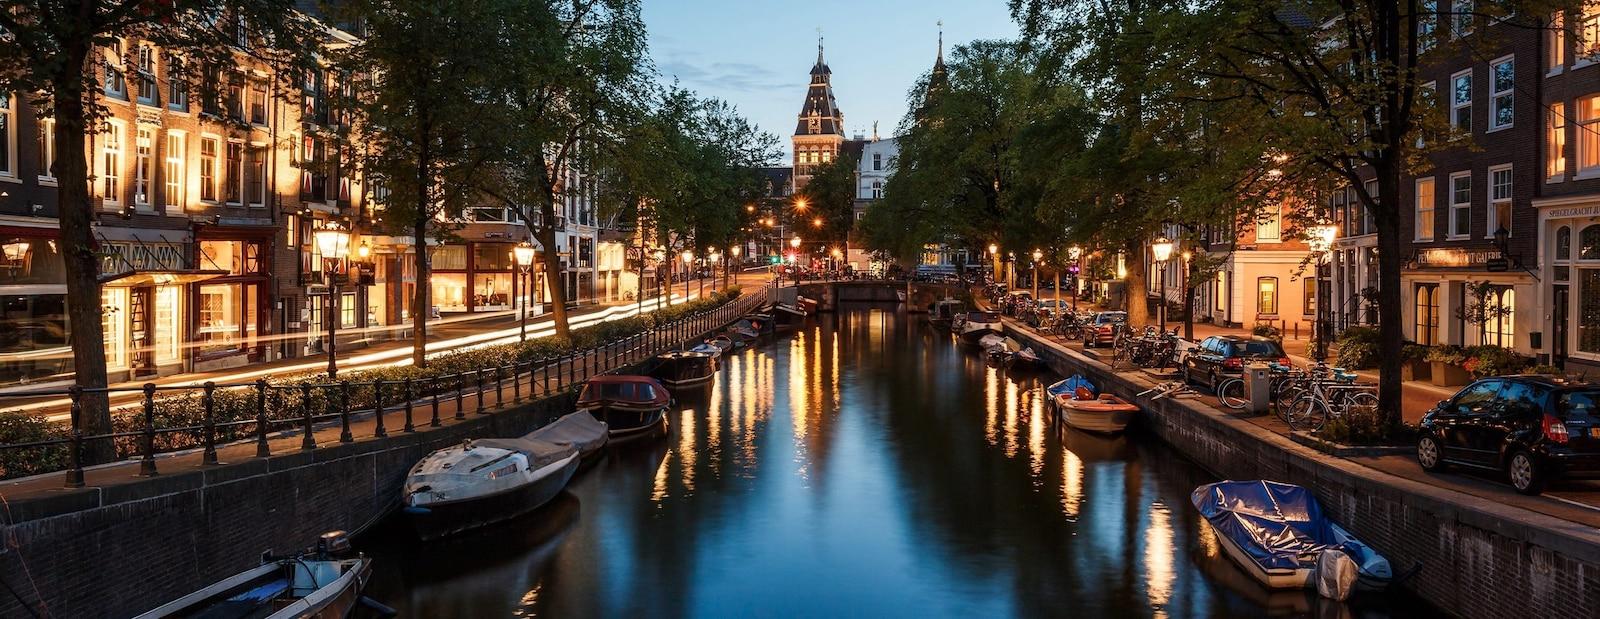 阿姆斯特丹的度假屋